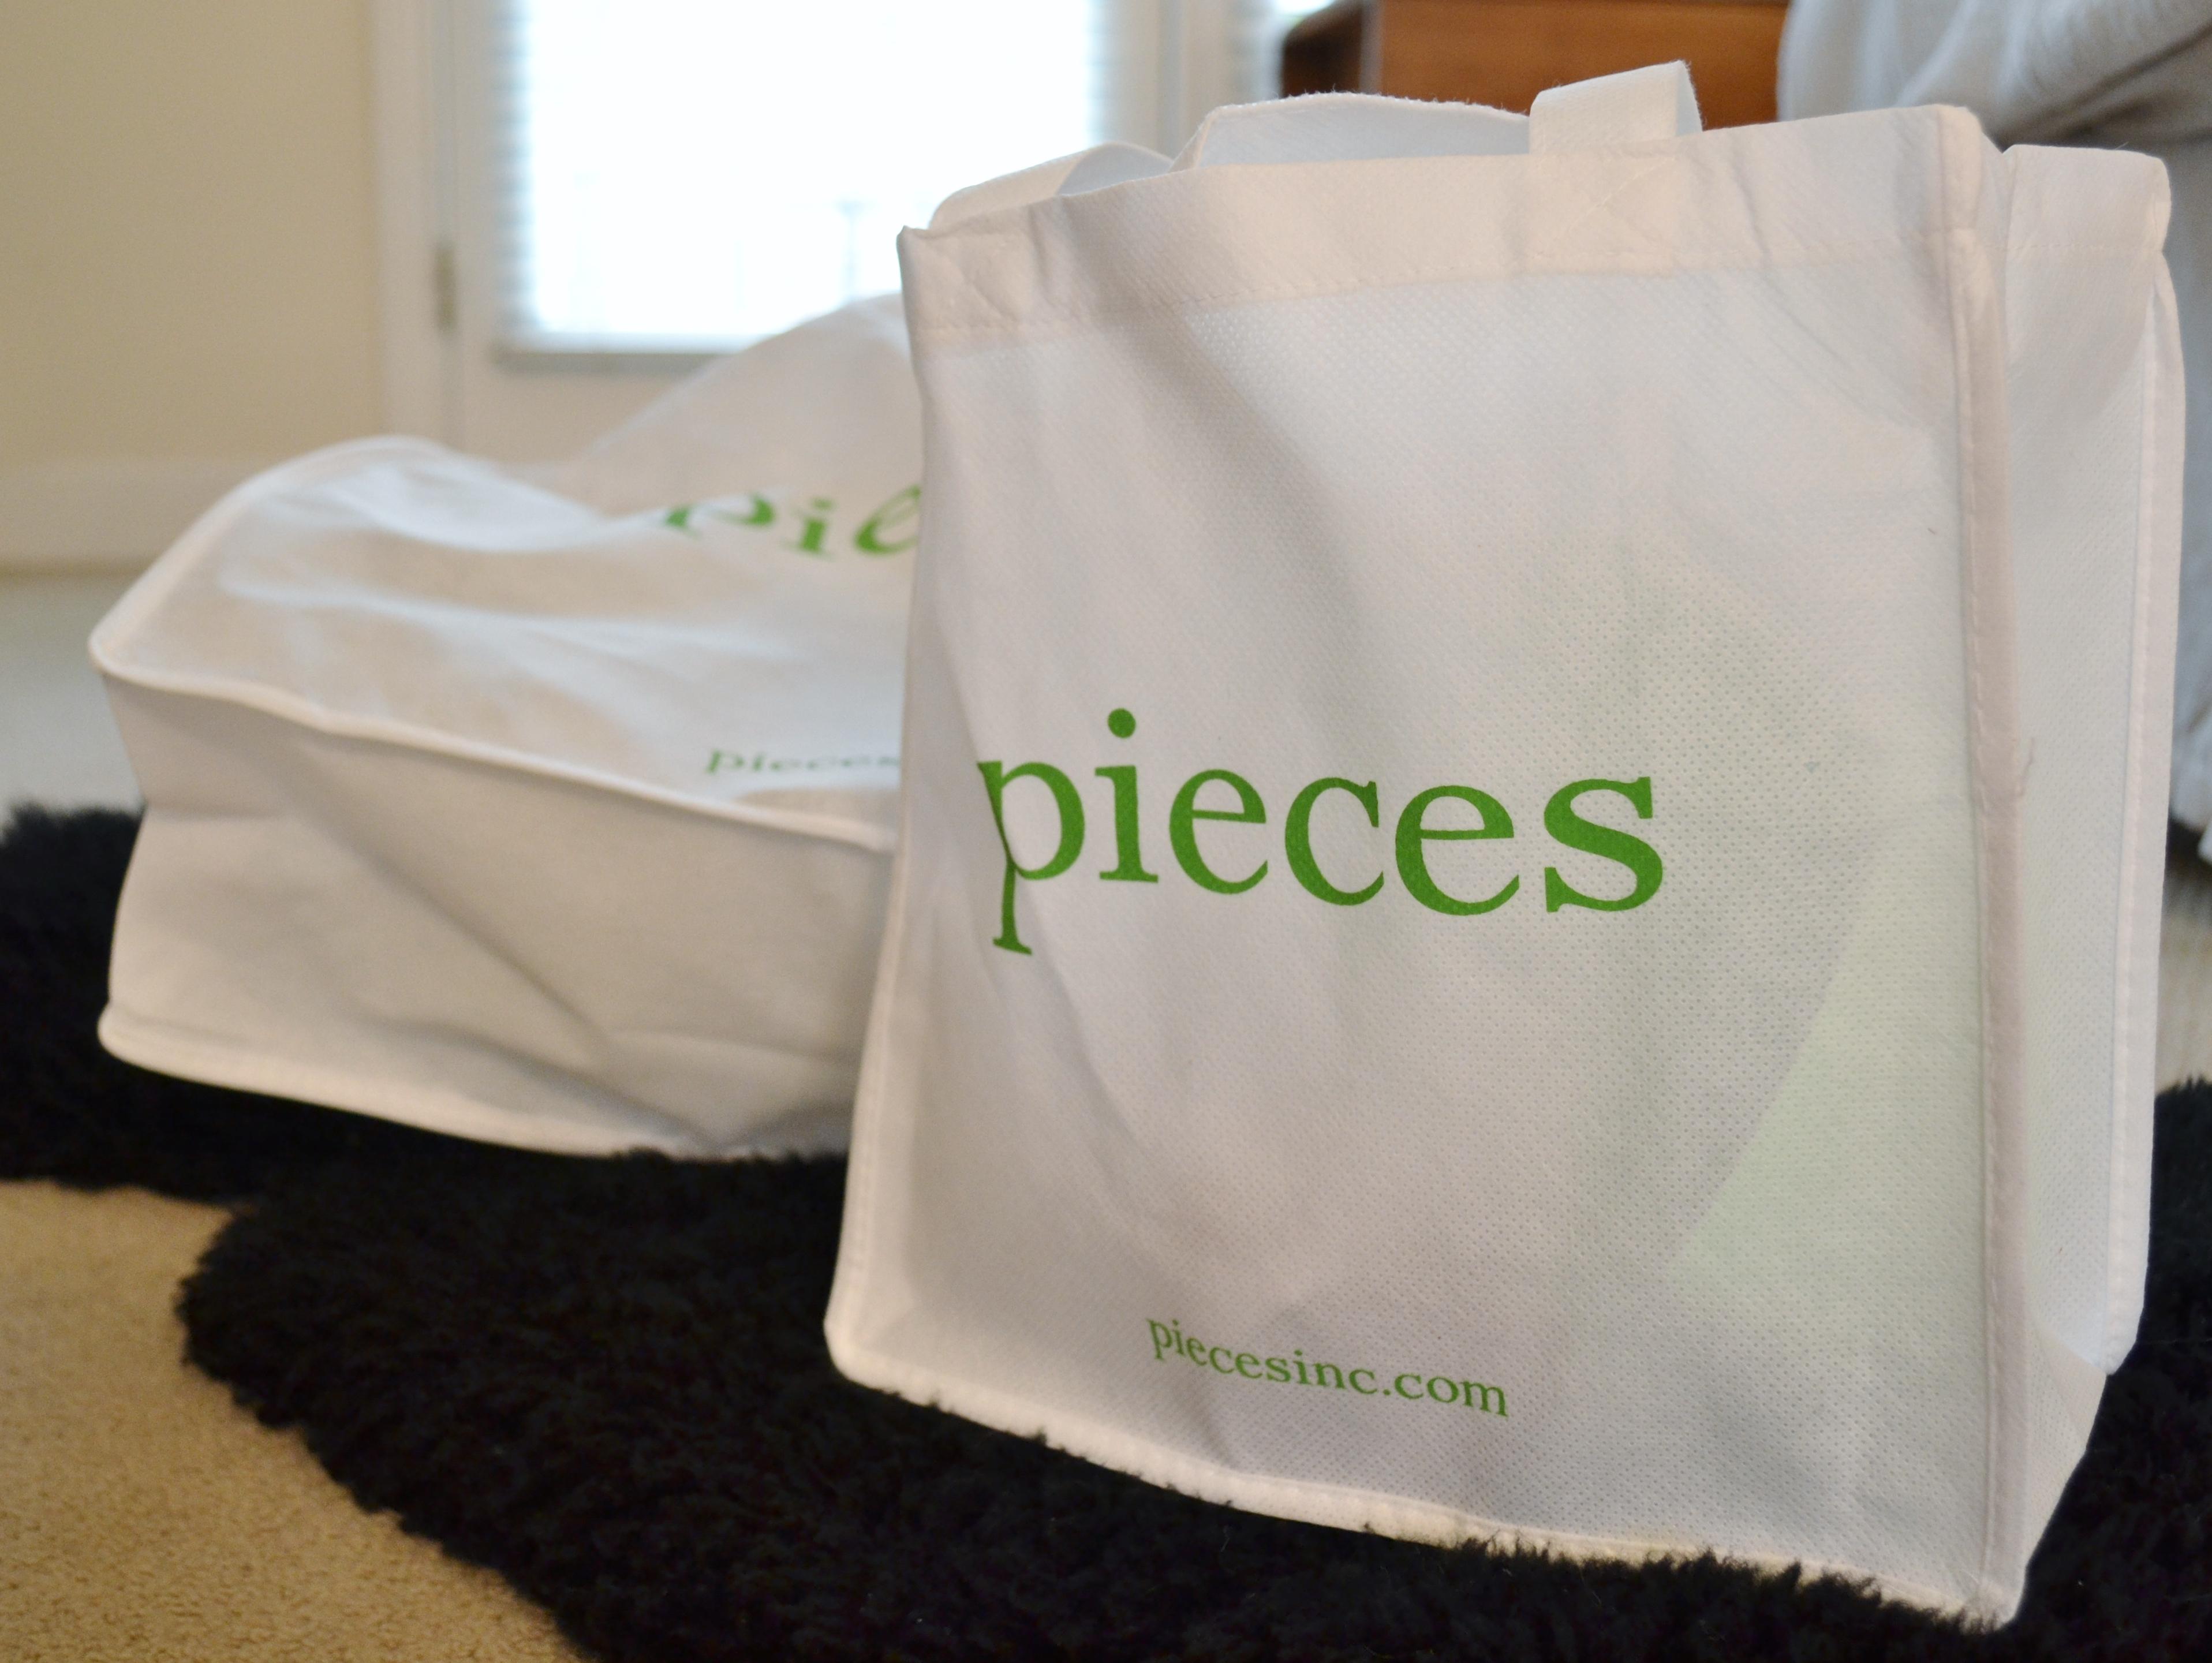 pieces, atlanta, ga